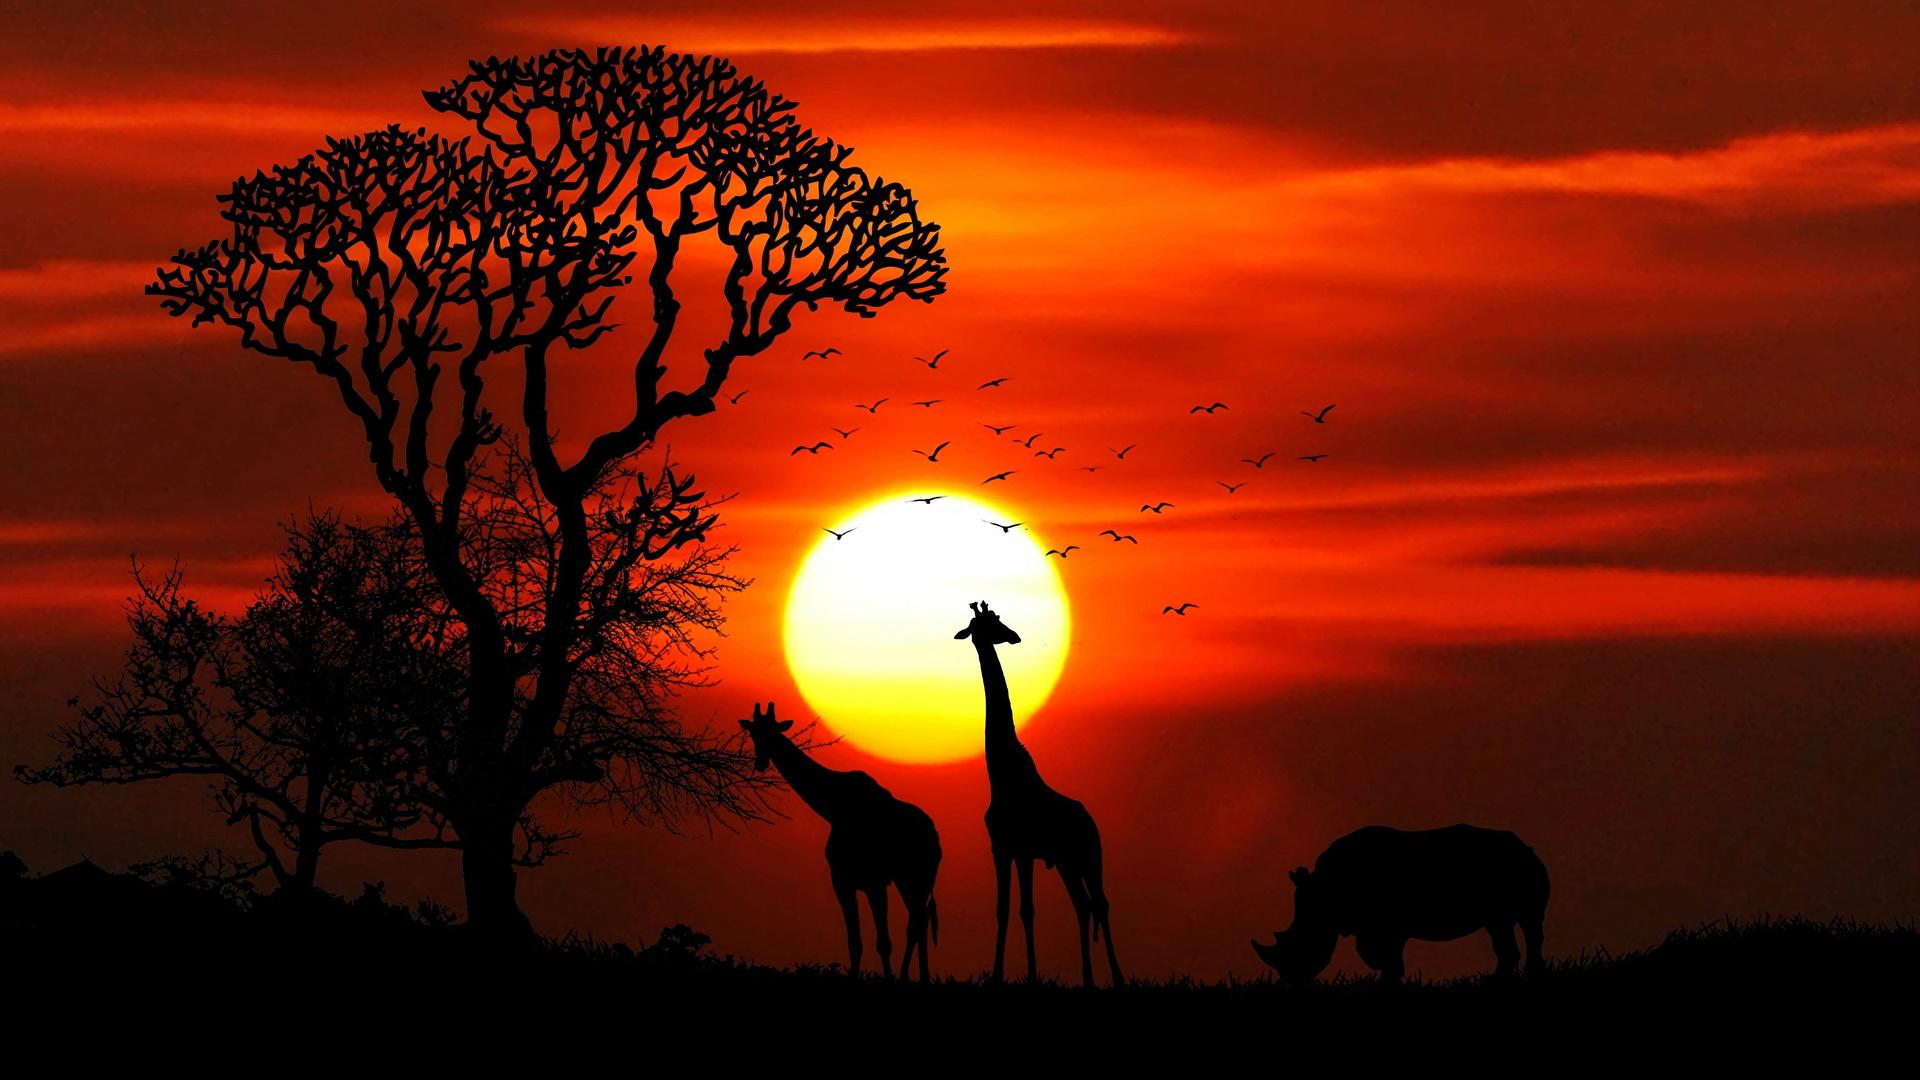 Фотографии Жирафы Носороги Африка силуэта солнца Рассветы и закаты Животные 1920x1080 Силуэт силуэты Солнце рассвет и закат животное